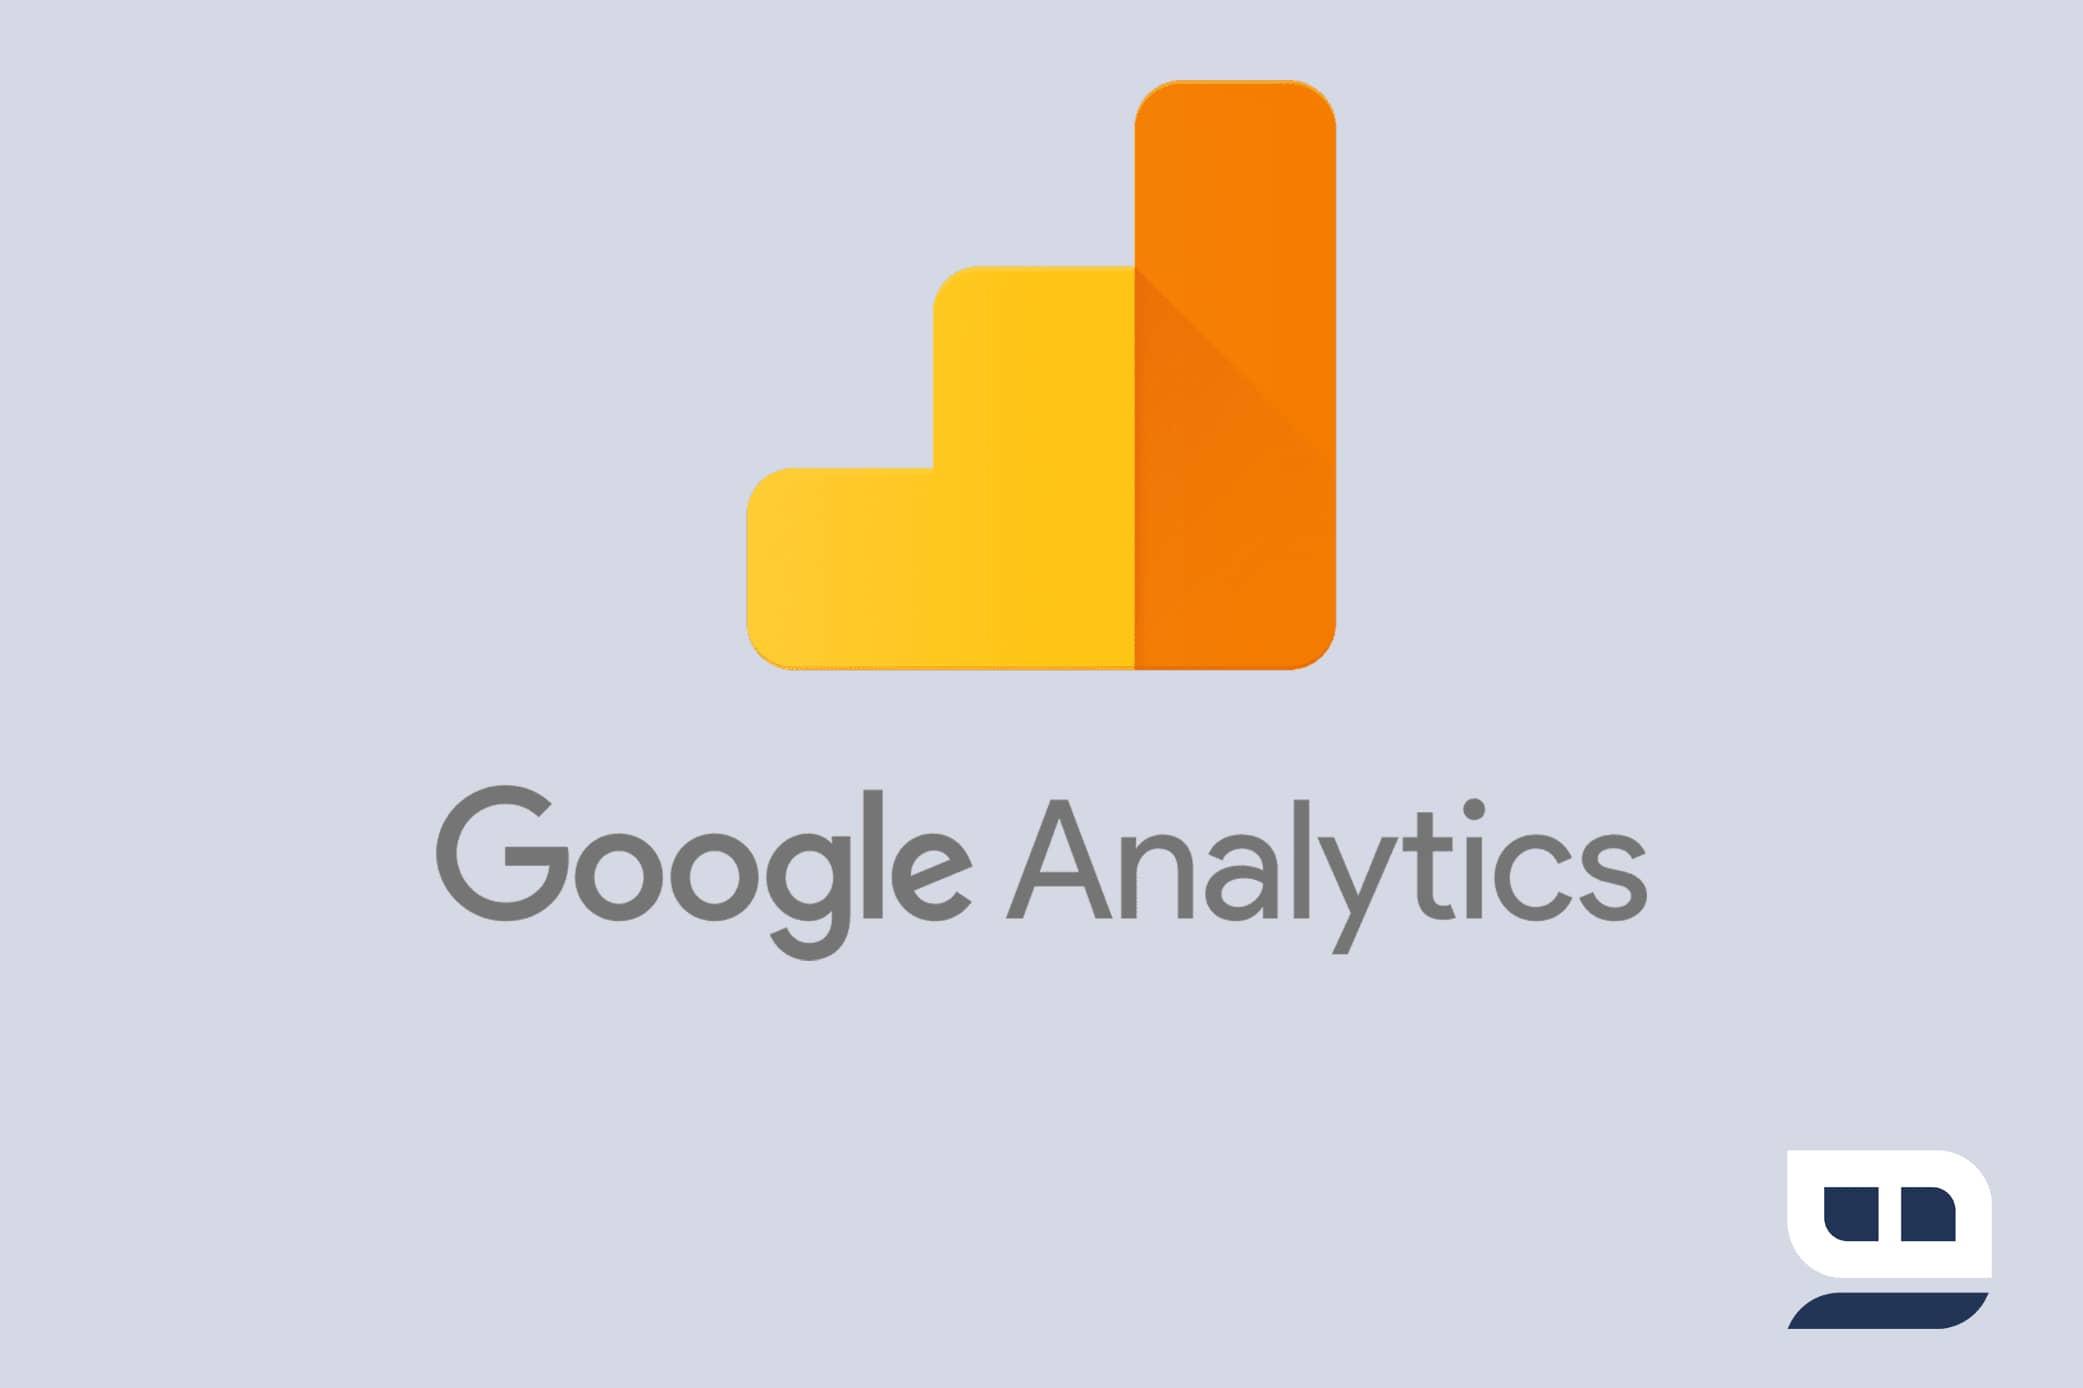 تصویر Google Analytics چیست و چه کاربردی دارد؟